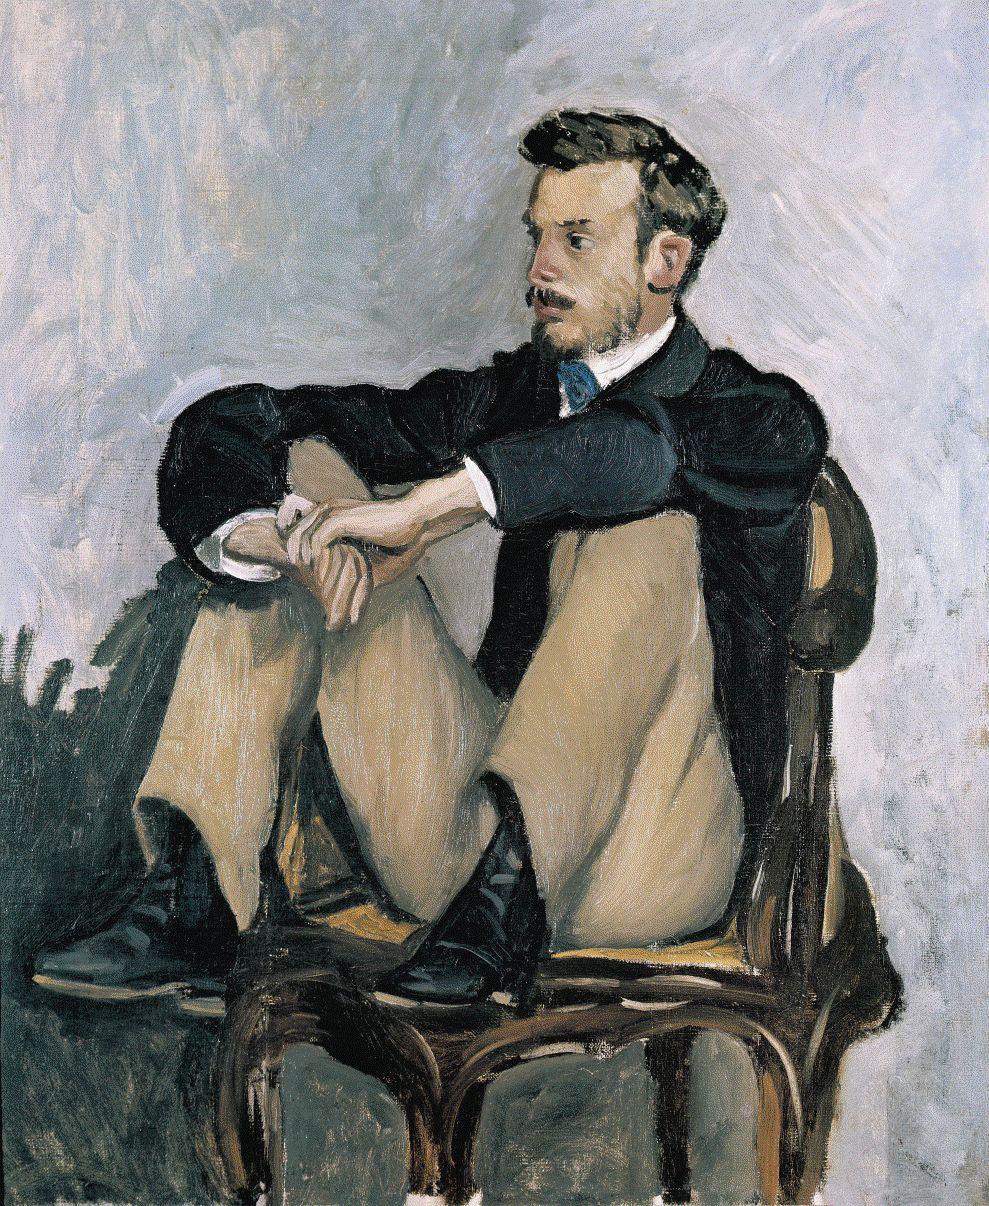 Bazille - Ritratto di Renoir (1867)